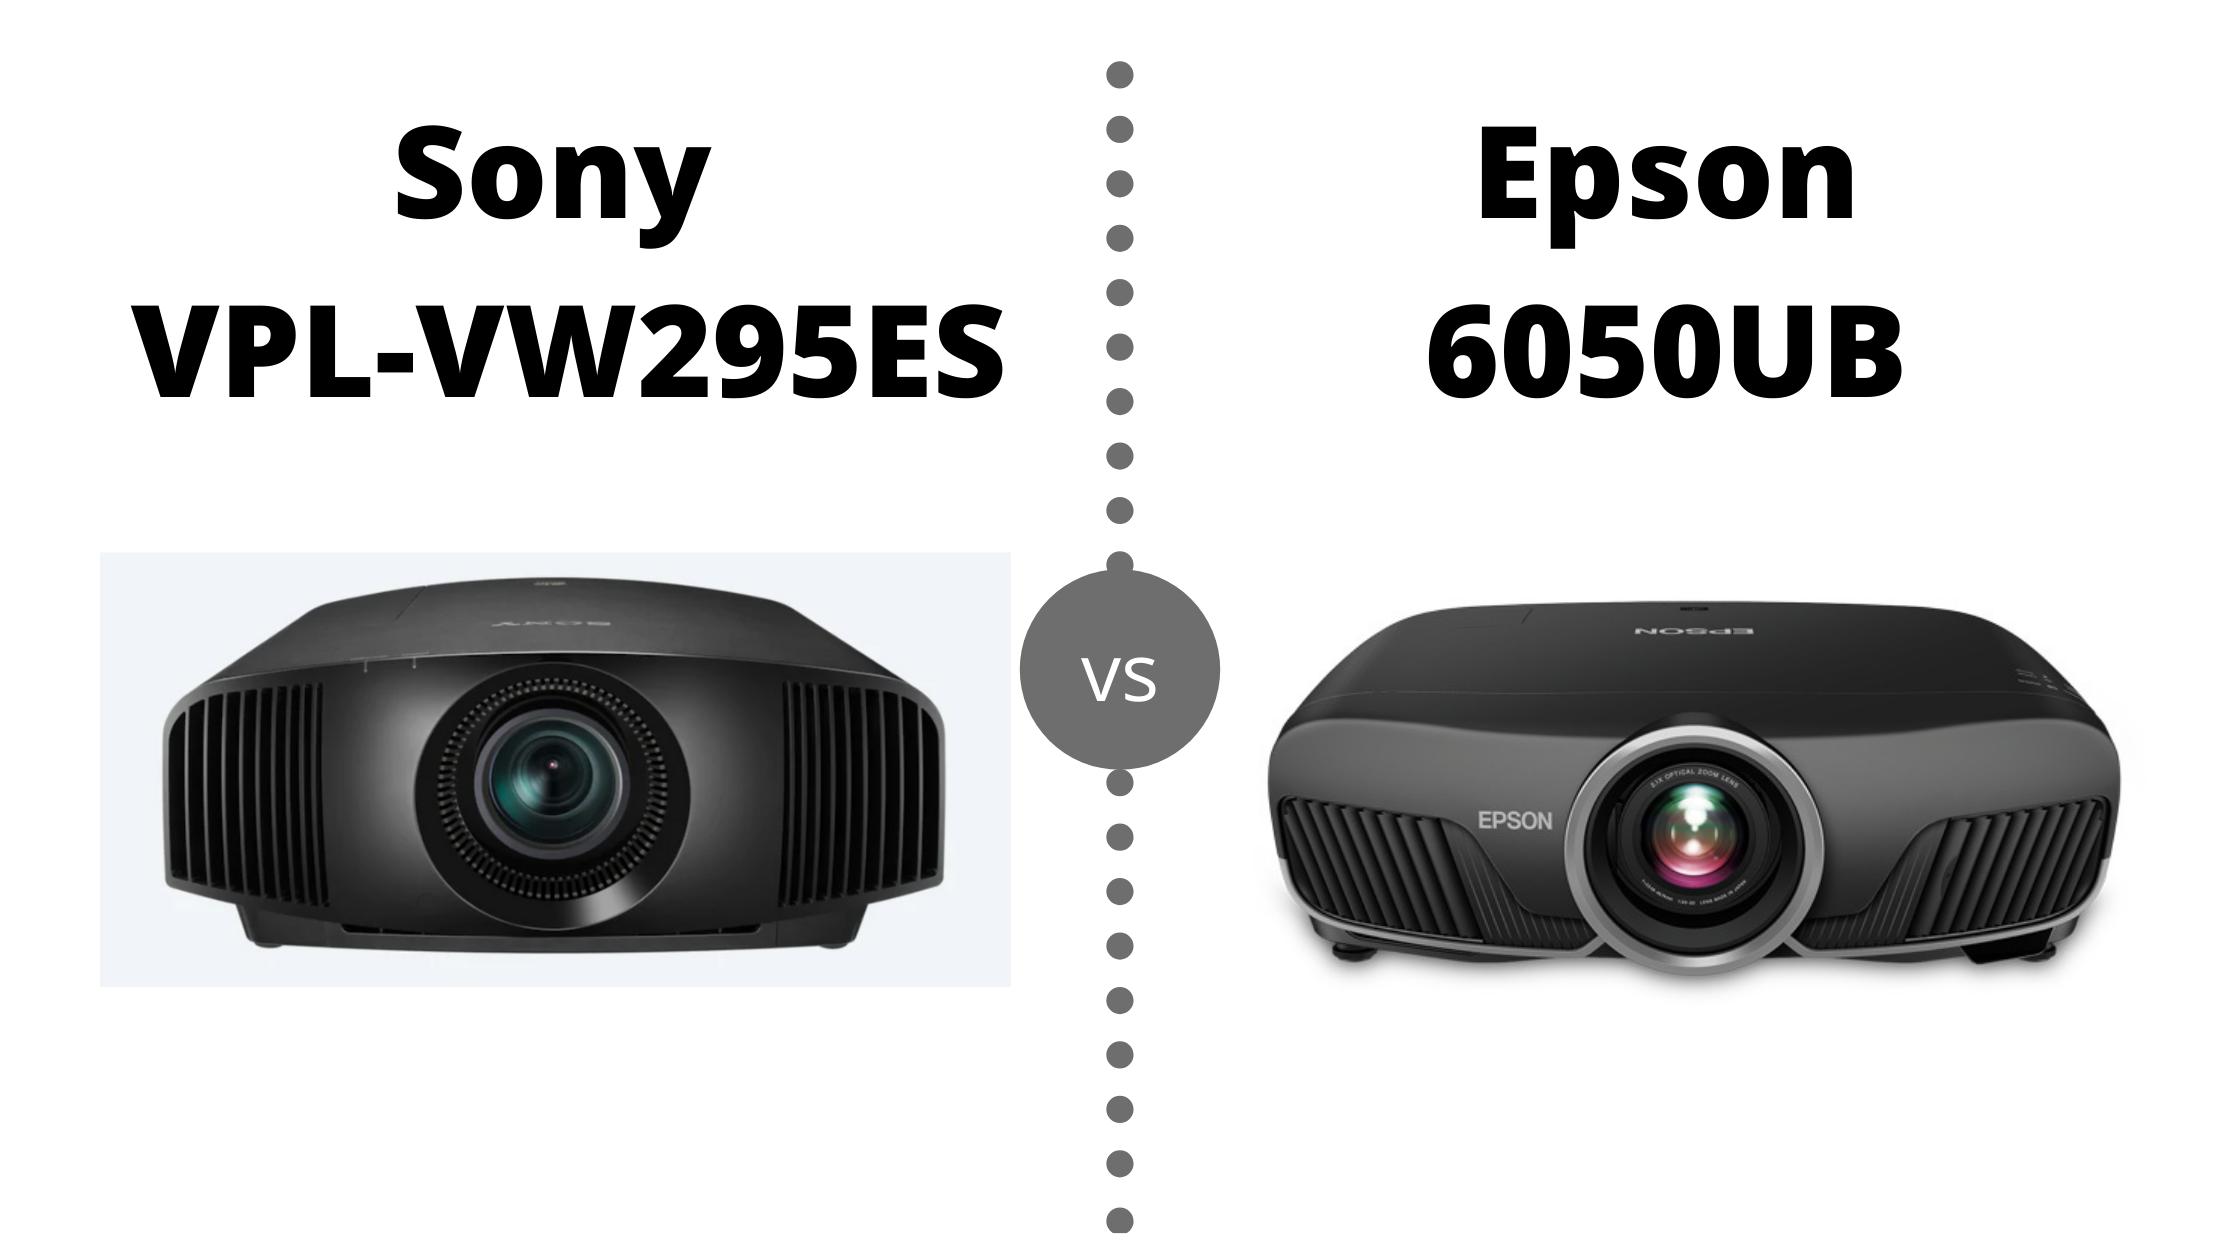 Sony VPL-VW295ES vs Epson 6050UB